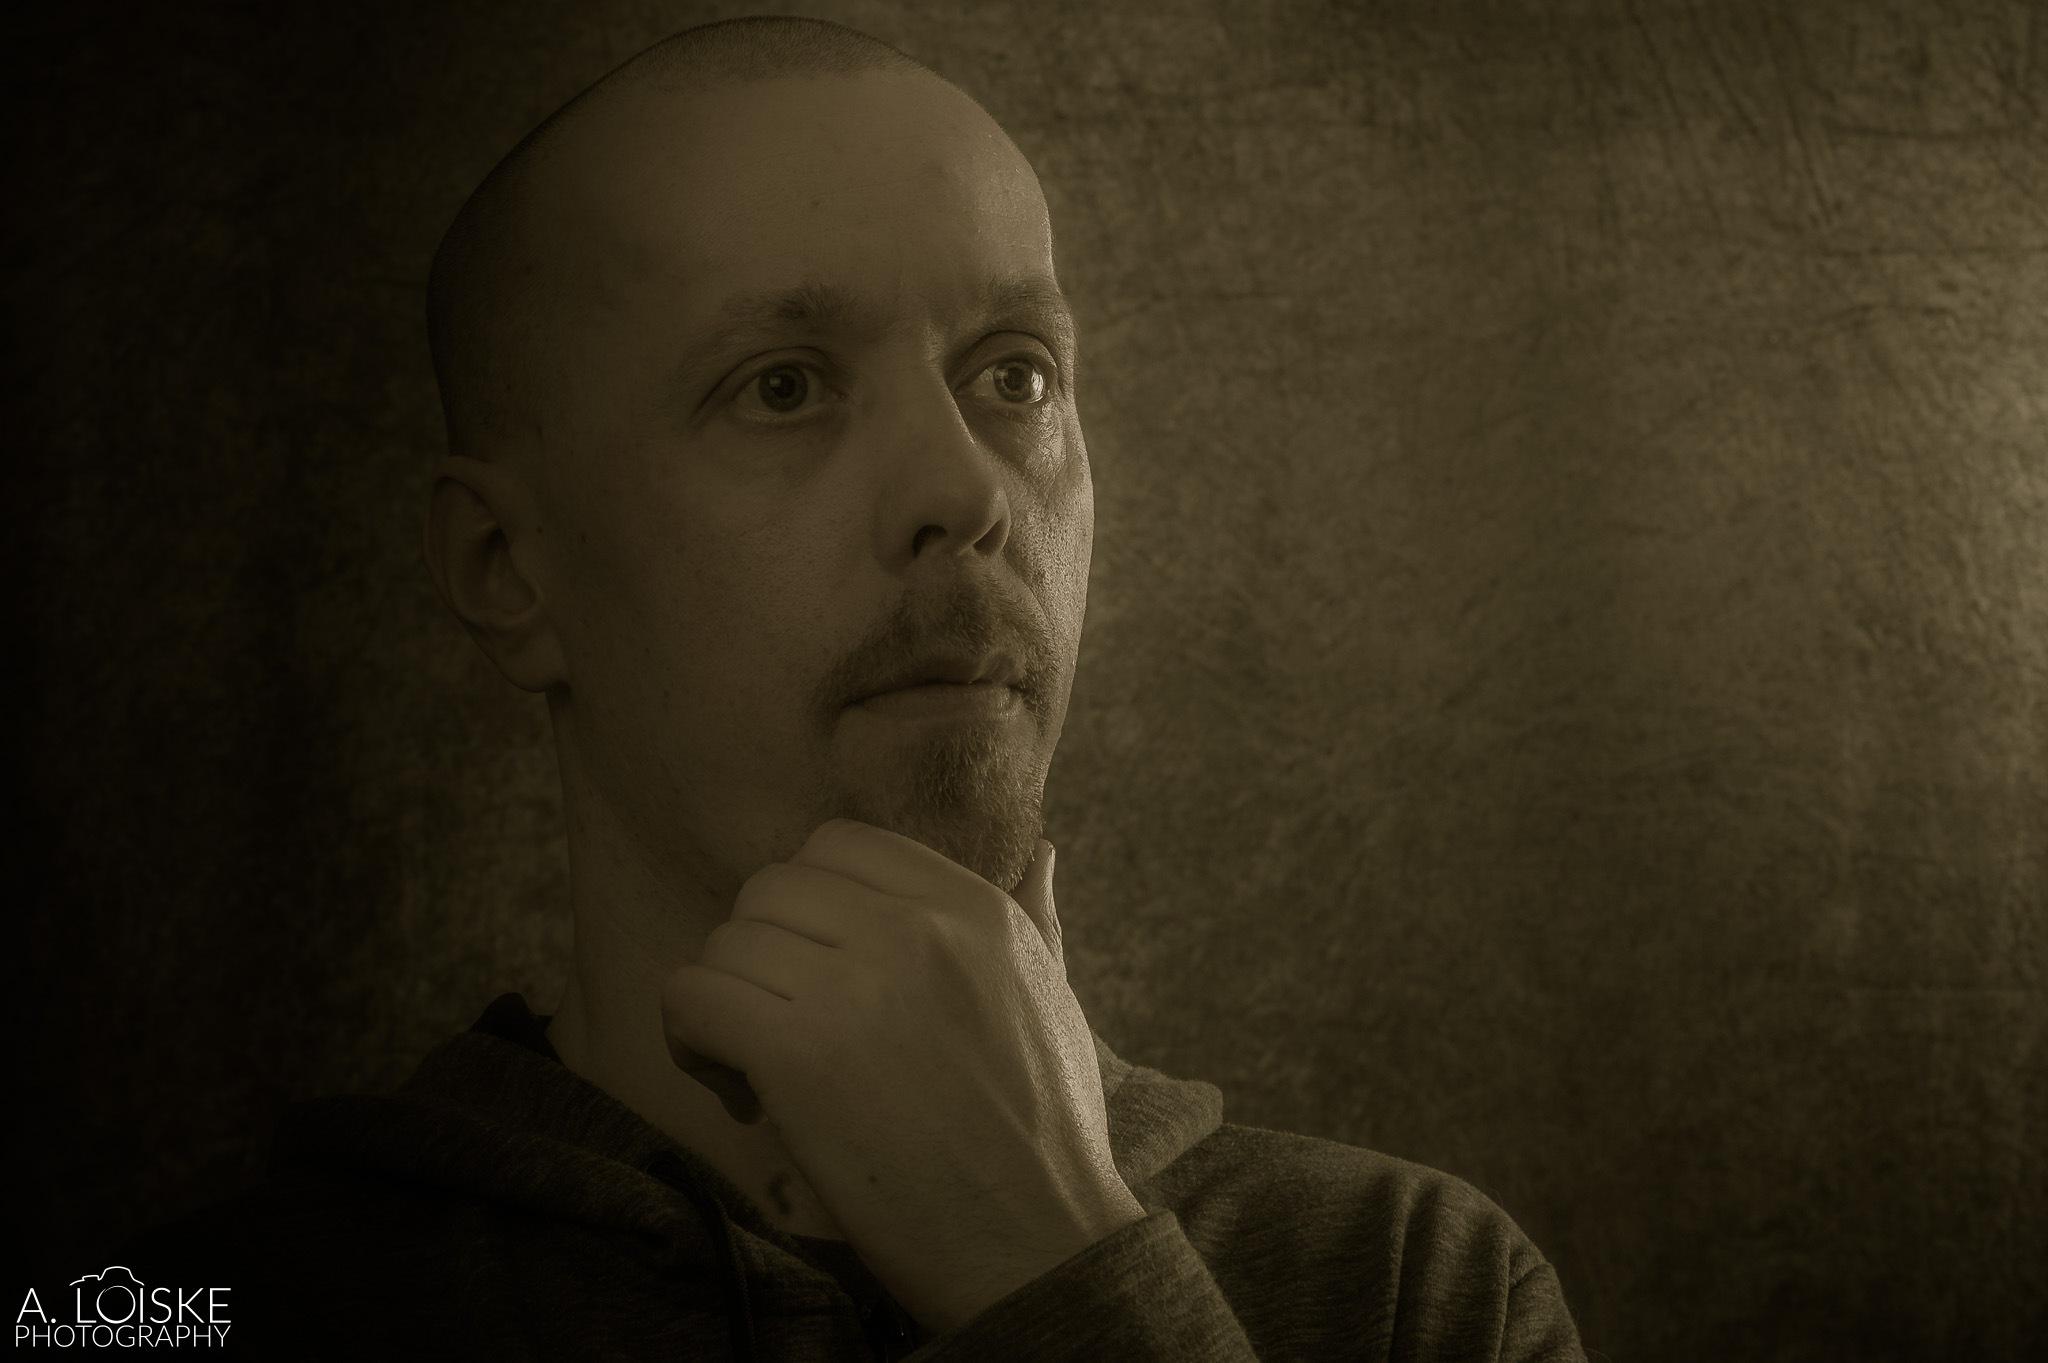 me by Antti Loiske